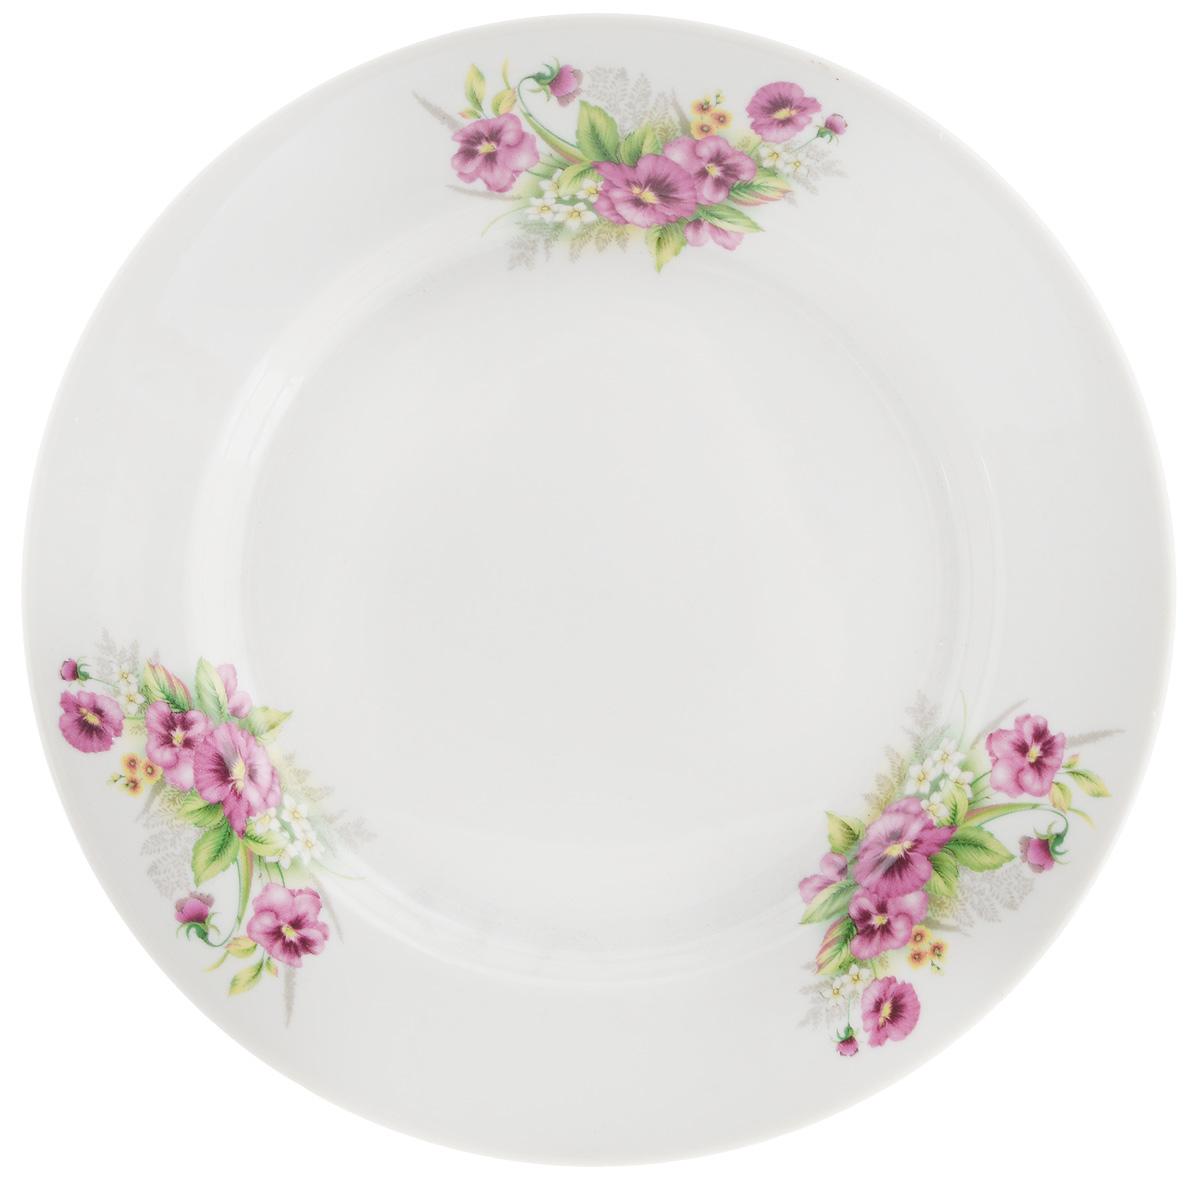 Тарелка десертная Фарфор Вербилок Виола, диаметр 20 см54 009312Десертная тарелка Фарфор Вербилок Виола, изготовленная из фарфора. Такая тарелка прекрасно подходит как для торжественных случаев, так и для повседневного использования. Идеальна для подачи десертов, пирожных, тортов и многого другого. Она прекрасно оформит стол и станет отличным дополнением к вашей коллекции кухонной посуды. Диаметр тарелки (по верхнему краю): 20 см.